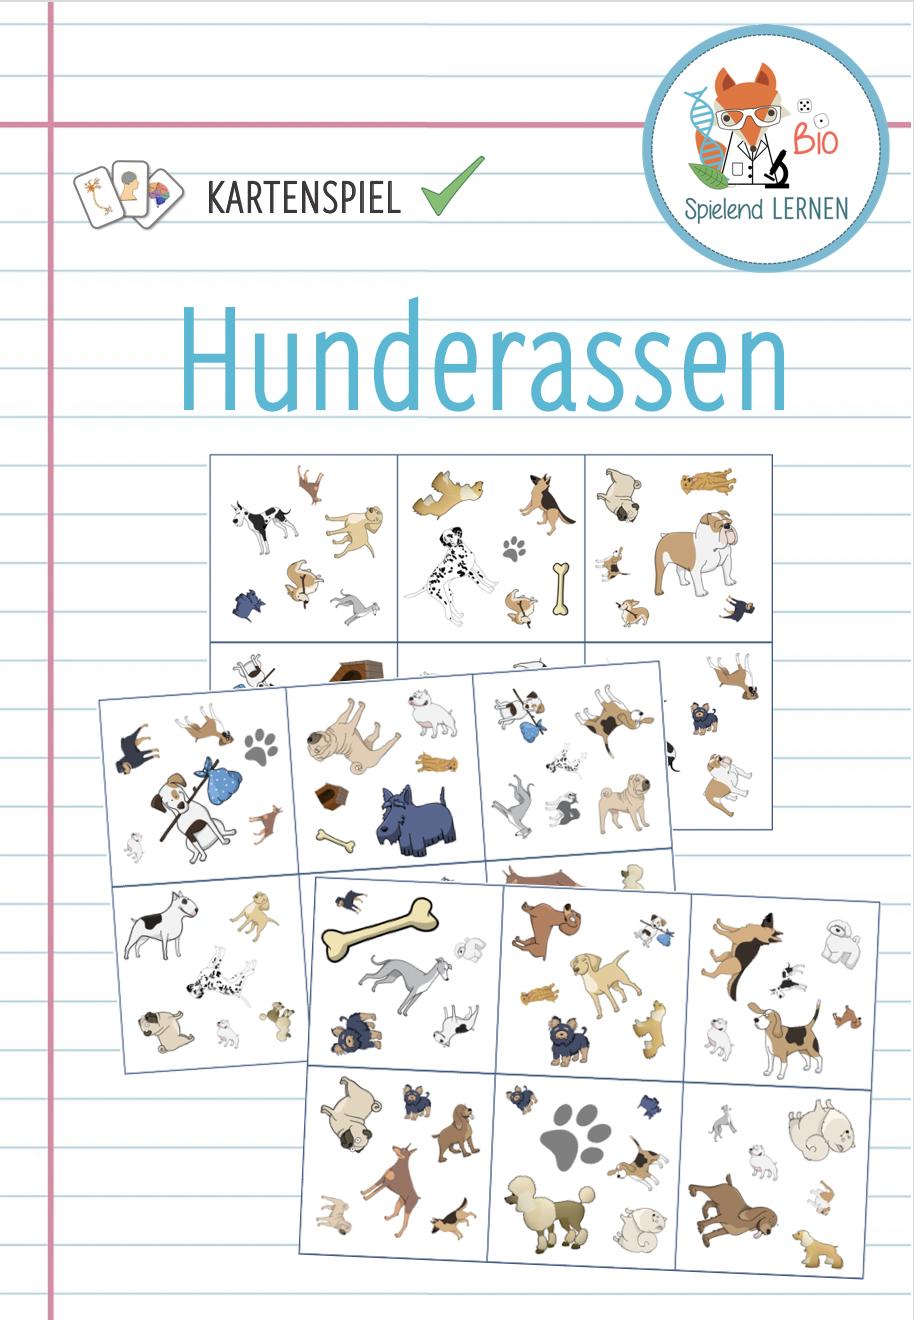 Hunderassen Kartenspiel Unterrichtsmaterial Im Fach Biologie In 2020 Hunde Rassen Hunderassen Kartenspiel